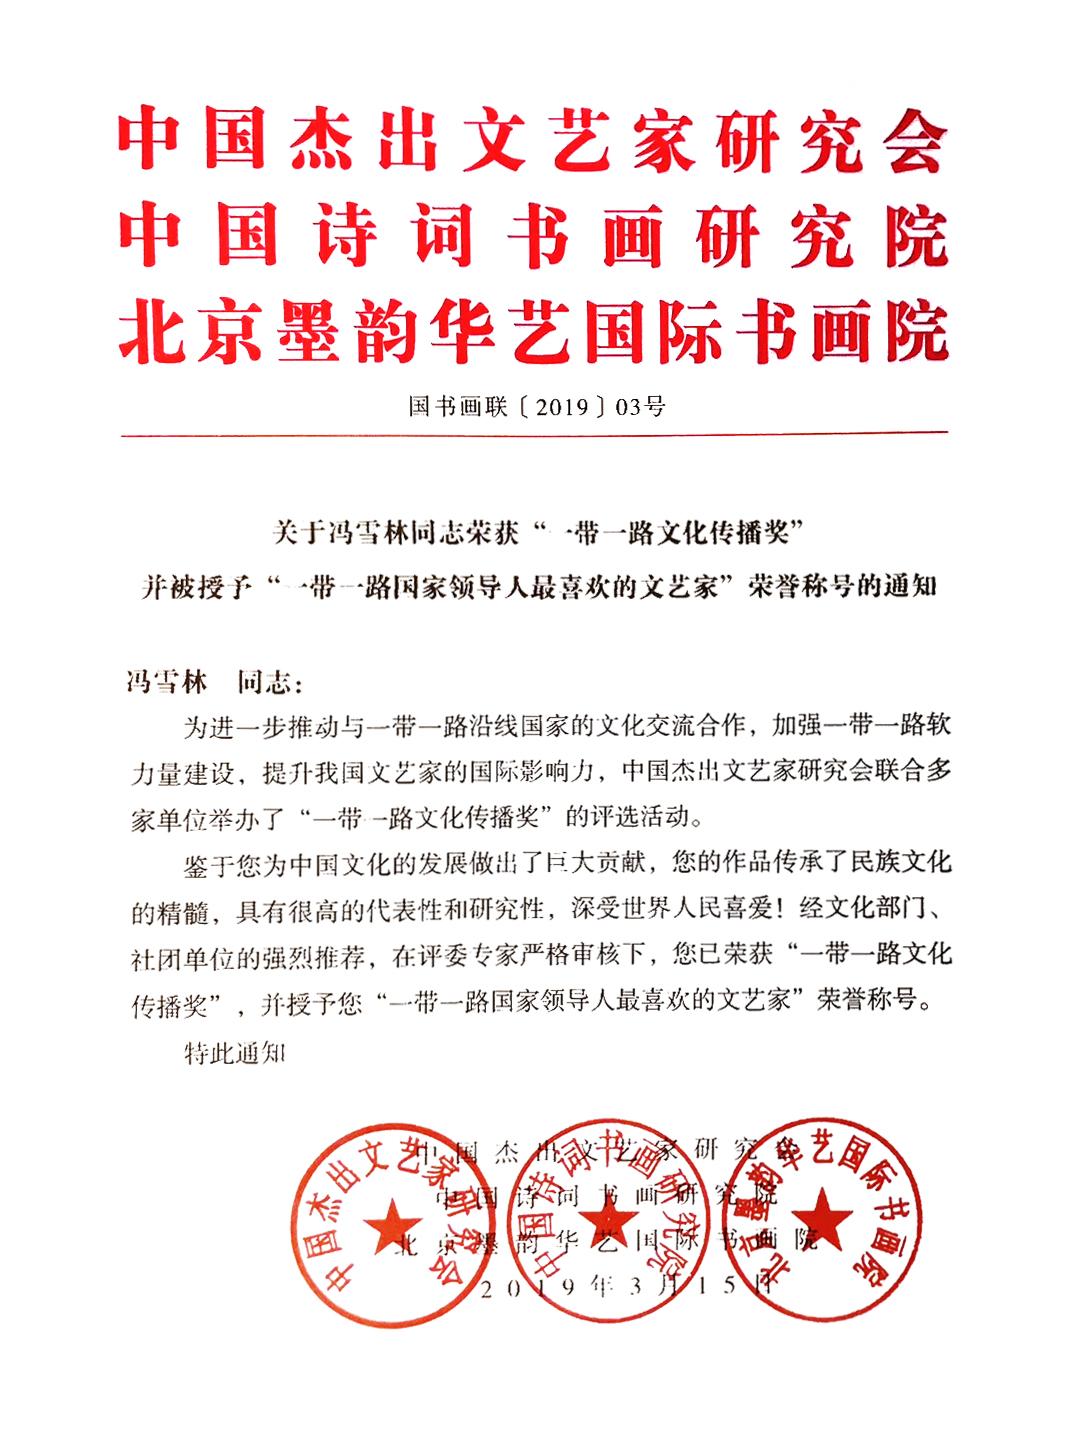 """关于冯雪林同志荣获""""一带一路文化传播奖""""并被授予""""一带一路国家领导人最喜欢的文艺家""""荣誉称号的通知"""